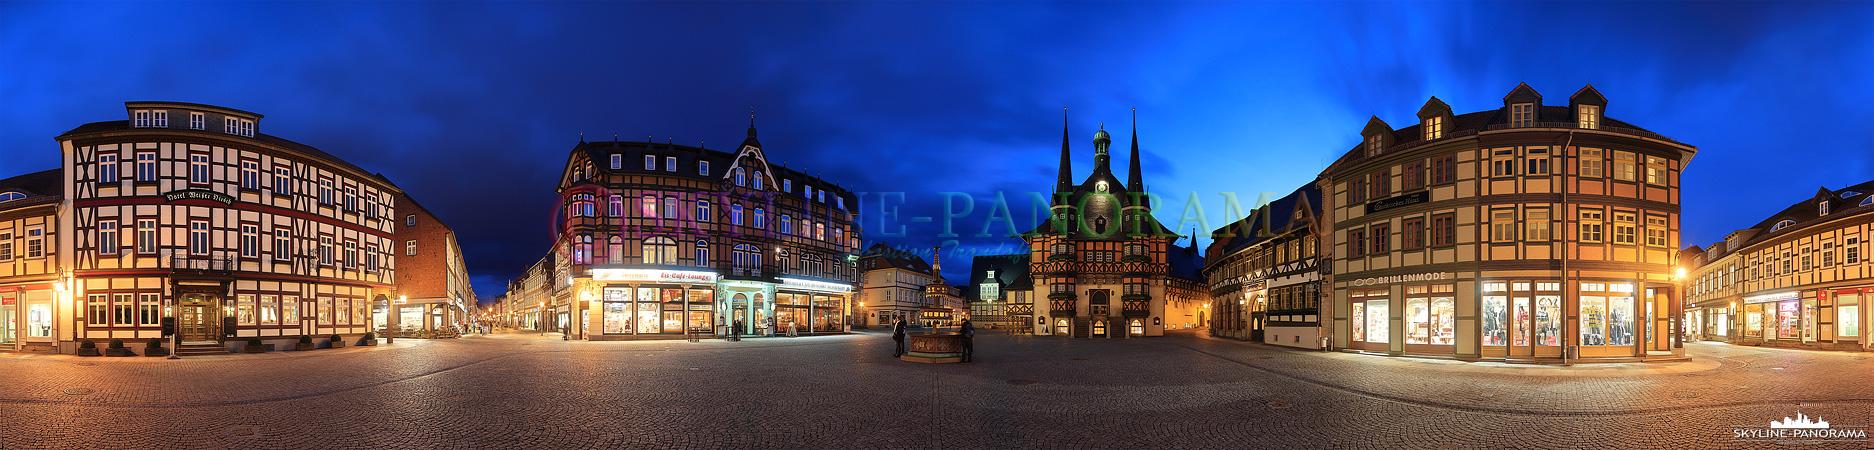 Harz Panorama - Der Marktplatz von Wernigerode im Harz als 360 Grad Ansicht. Die Aufnahme zeigt das historische Rathaus von Wernigerode zusammen mit dem Wohltäterbrunnen und den restaurierten Fachwerkensemble.